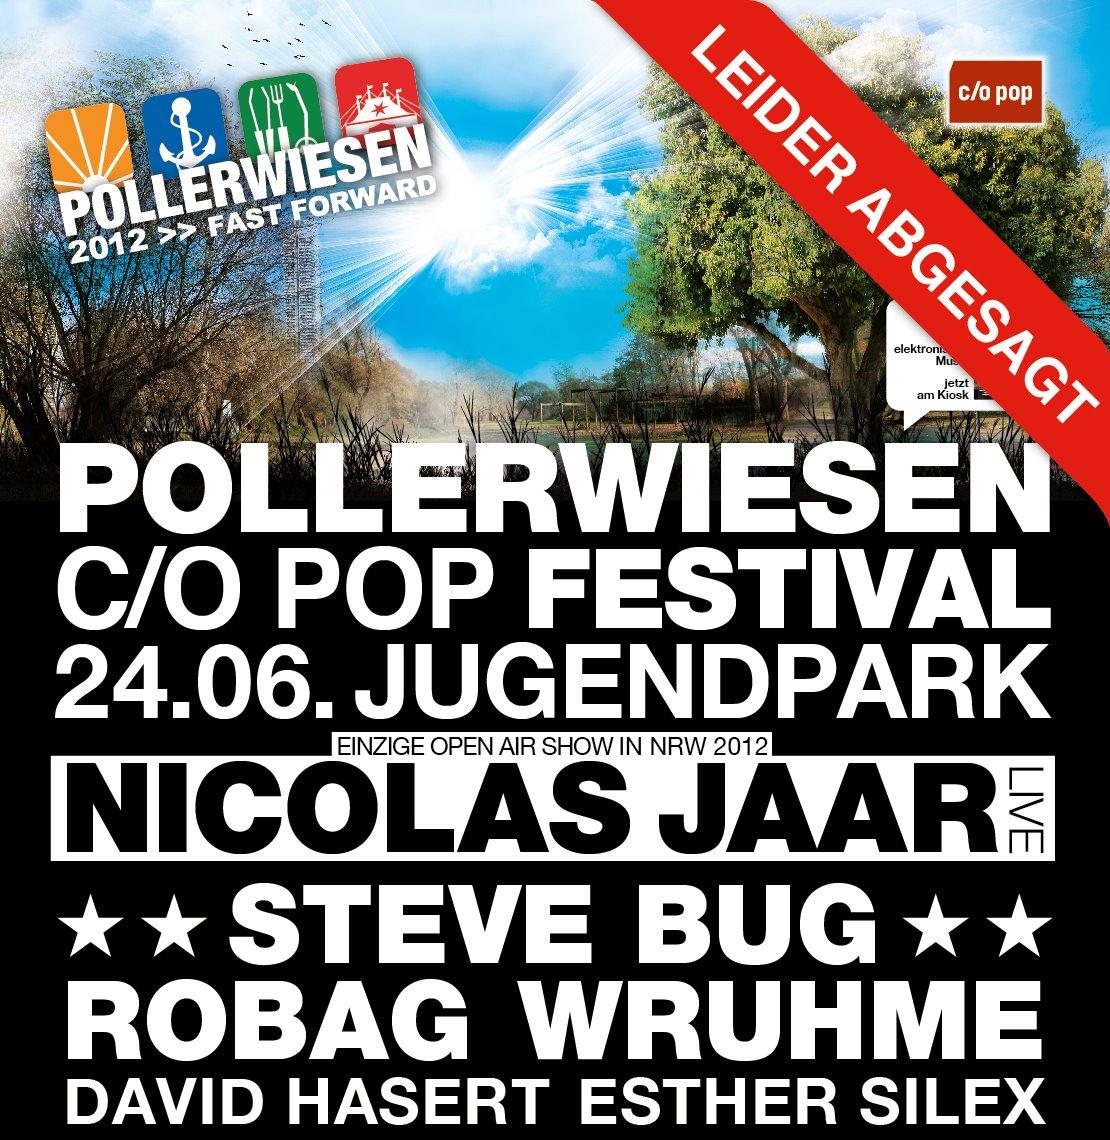 c/o pop PollerWiesen am Sonntag abgesagt!